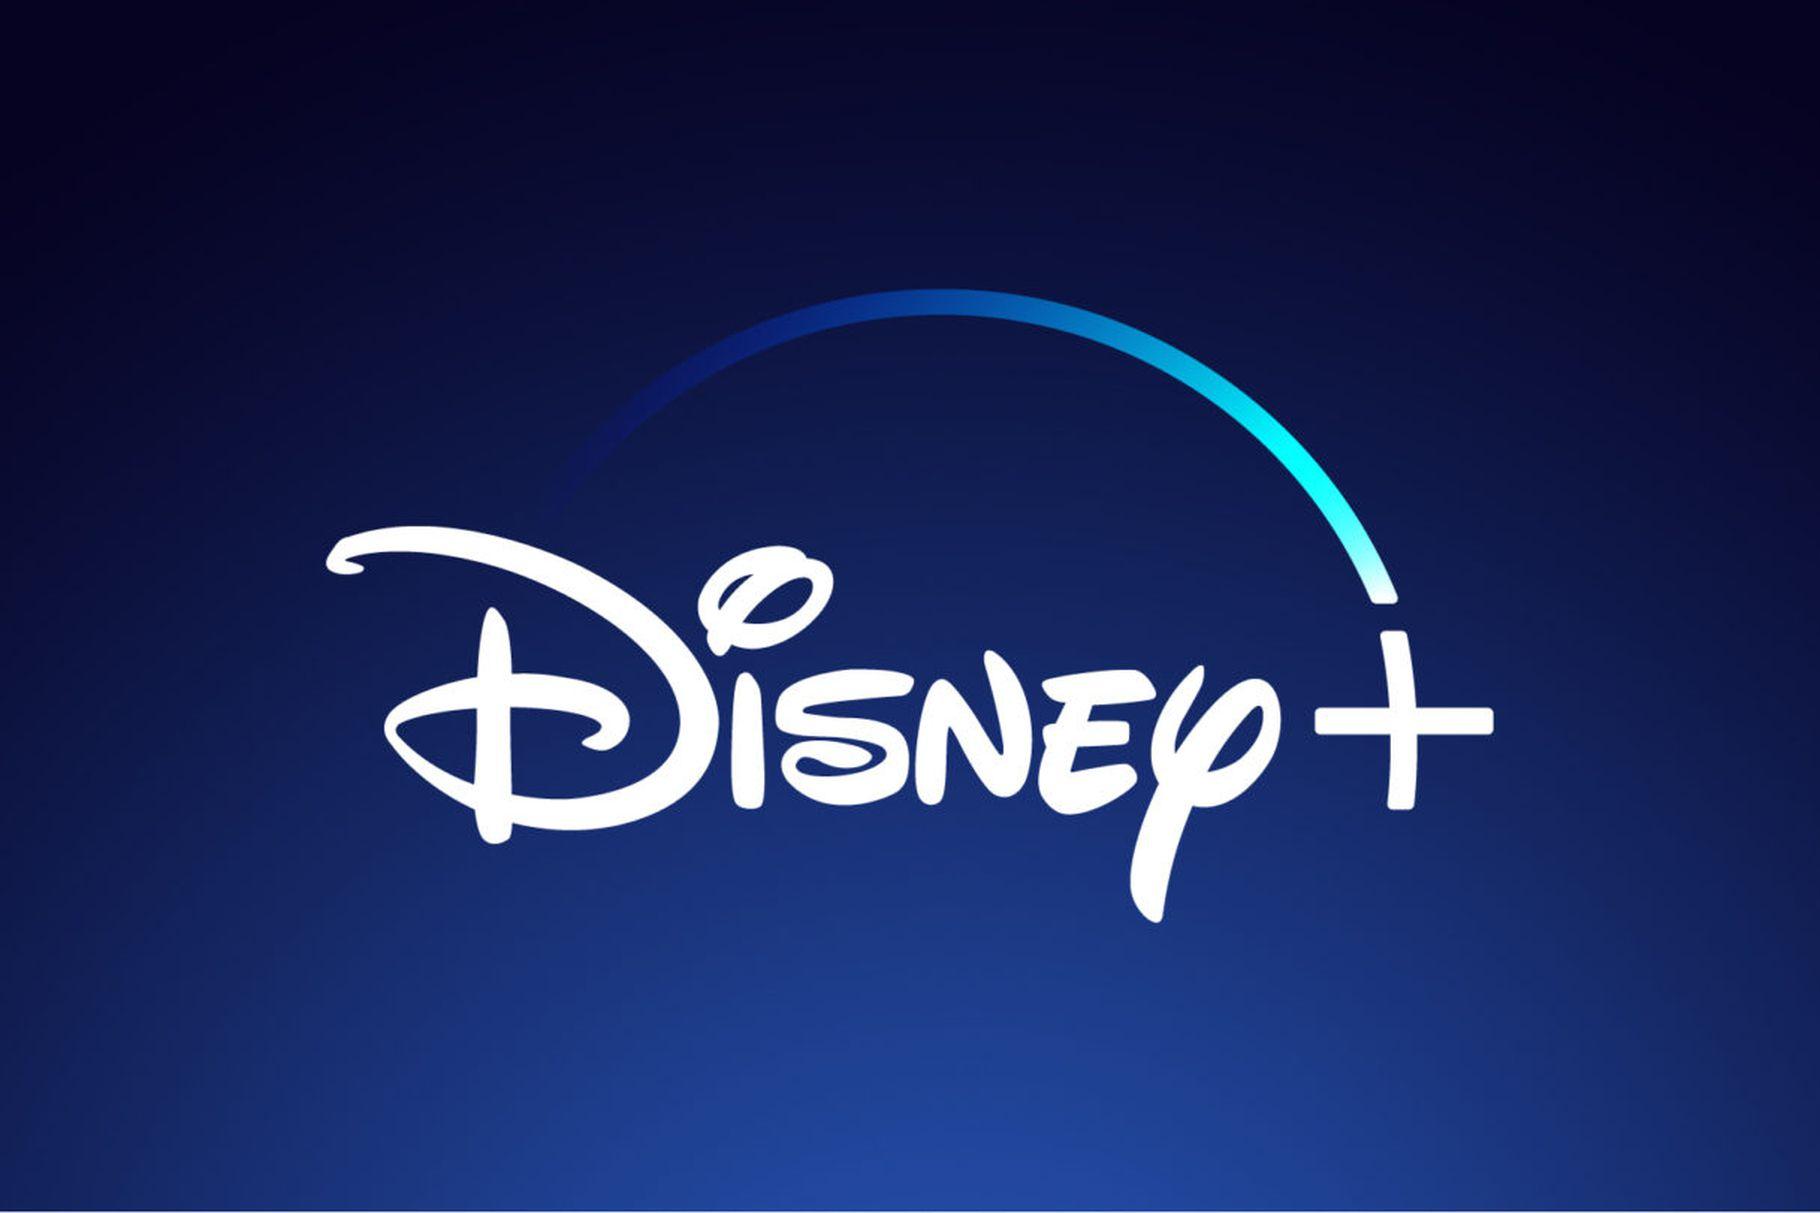 Disney+ (logo serwisu streamingowego Disneya)